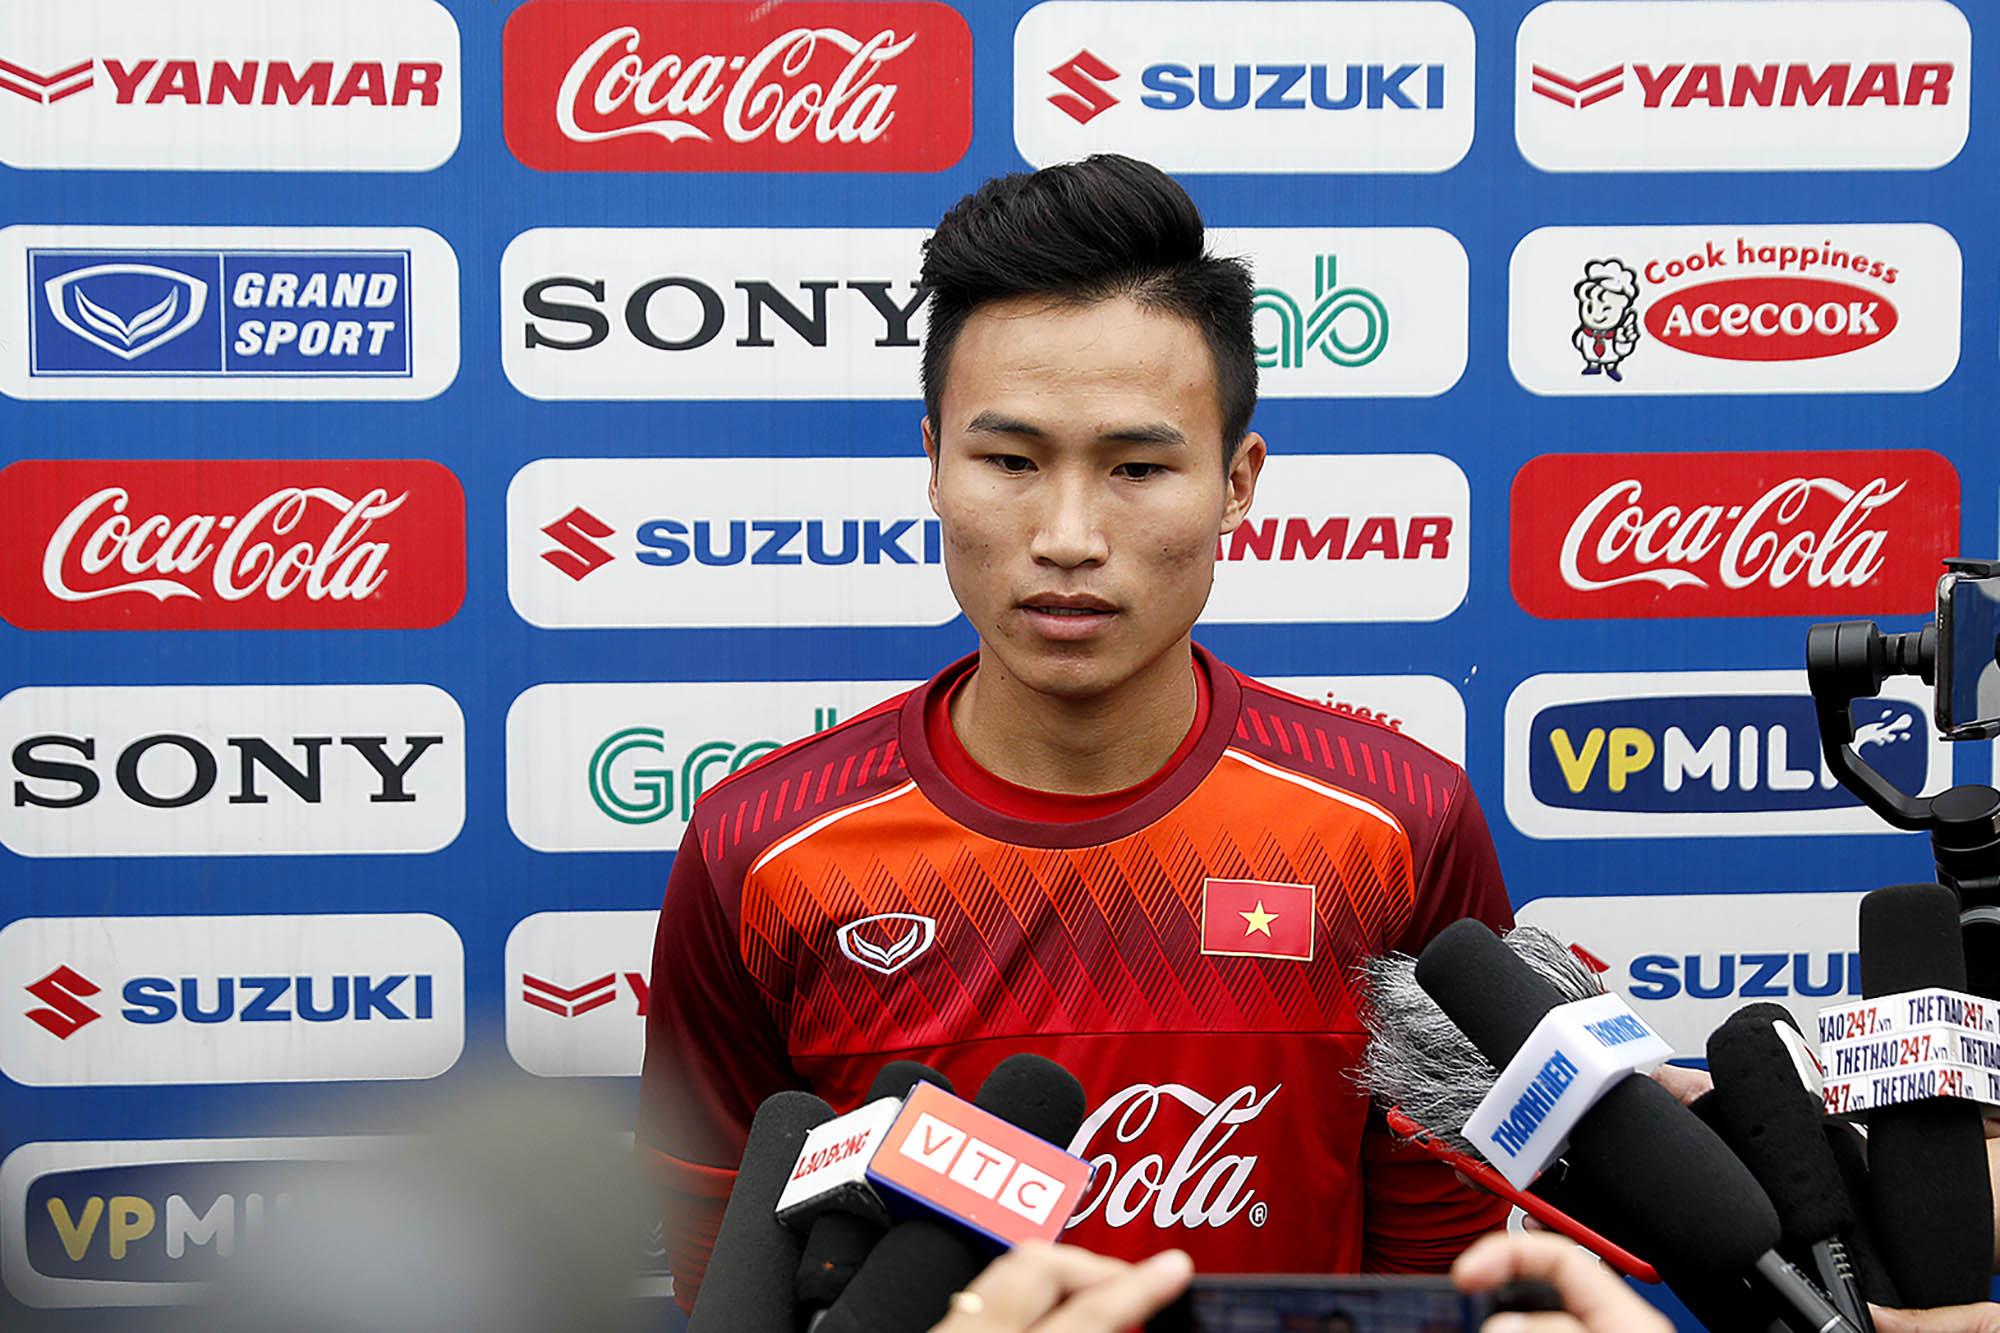 Tiền vệ U23 Việt Nam đặt mục tiêu toàn thắng ở Vòng loại U23 châu Á